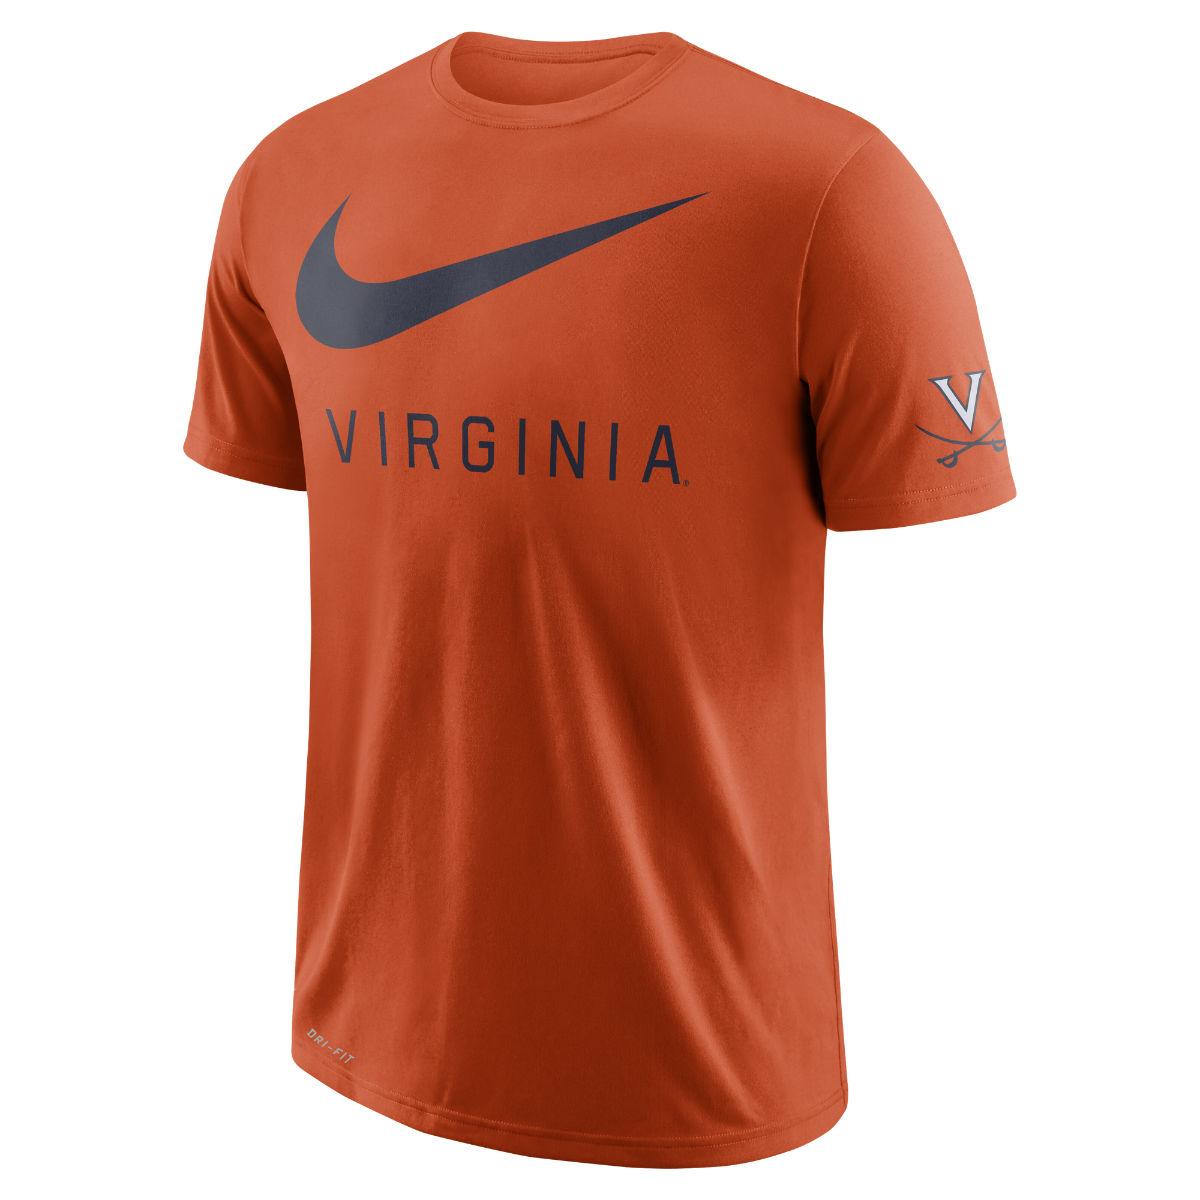 University of Virginia Oversize Logo NIKE T-shirt